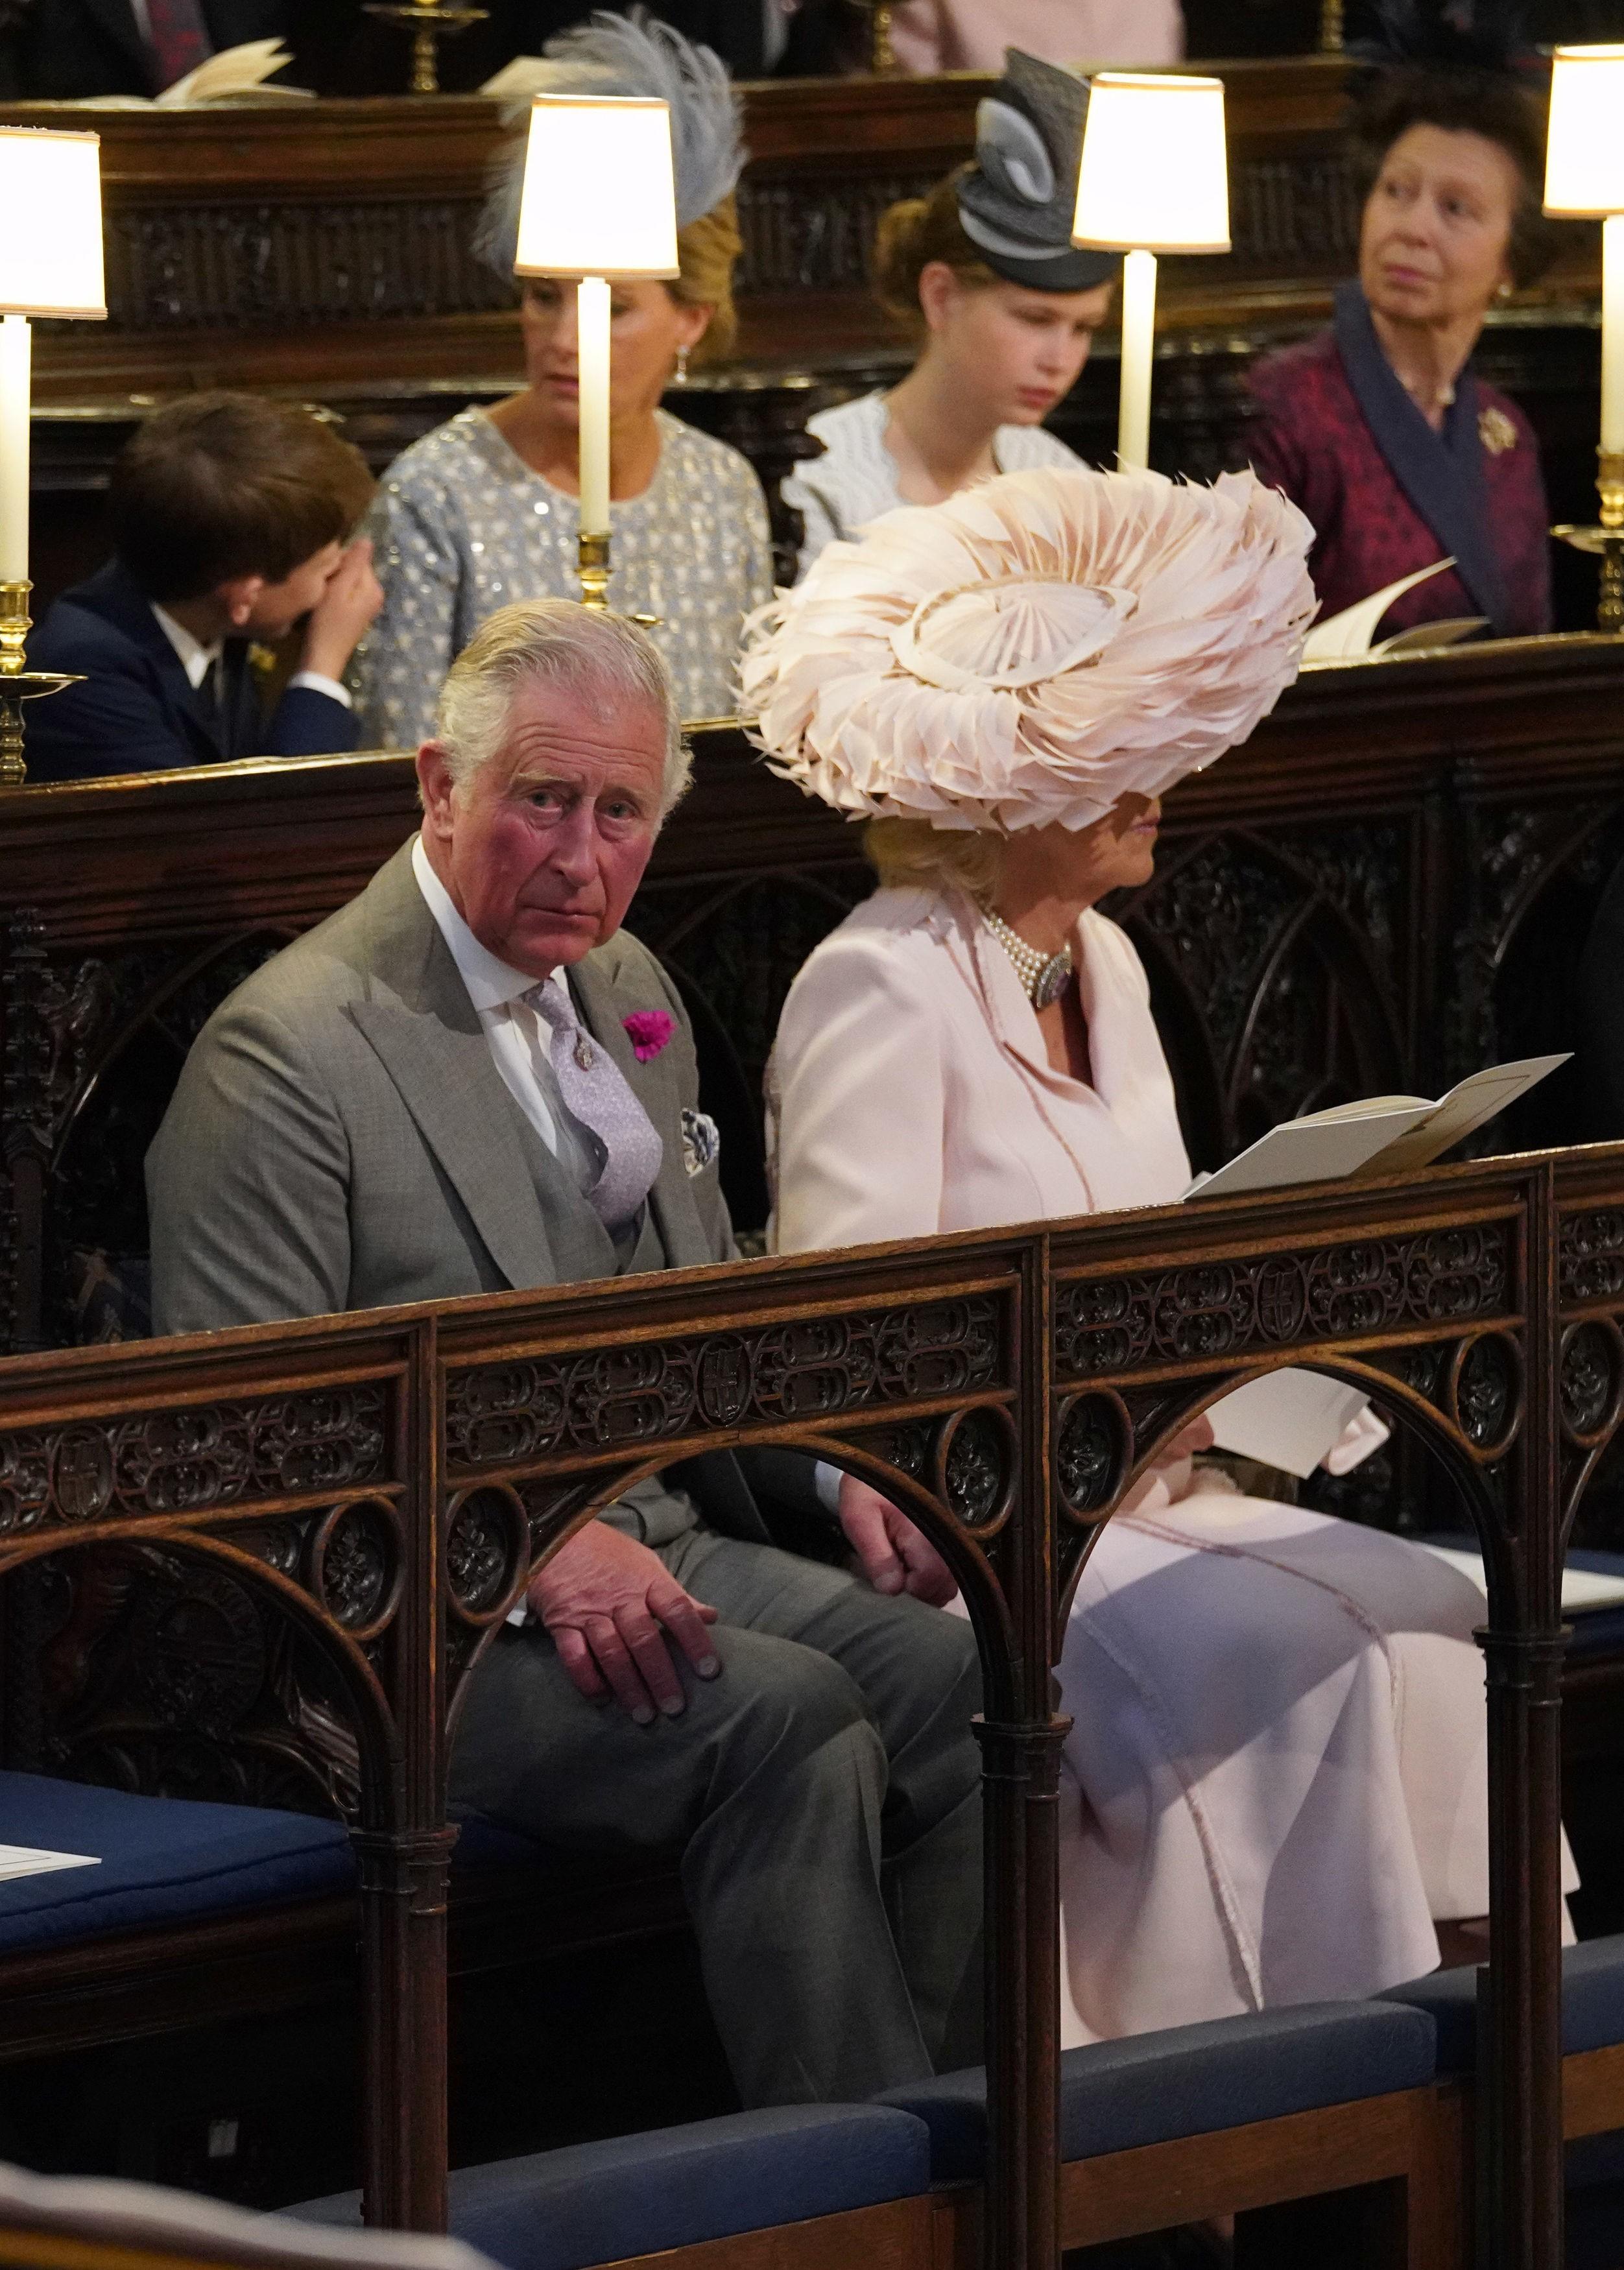 el-principe-carlos-y-la-duquesa-camilla-parker-bowles